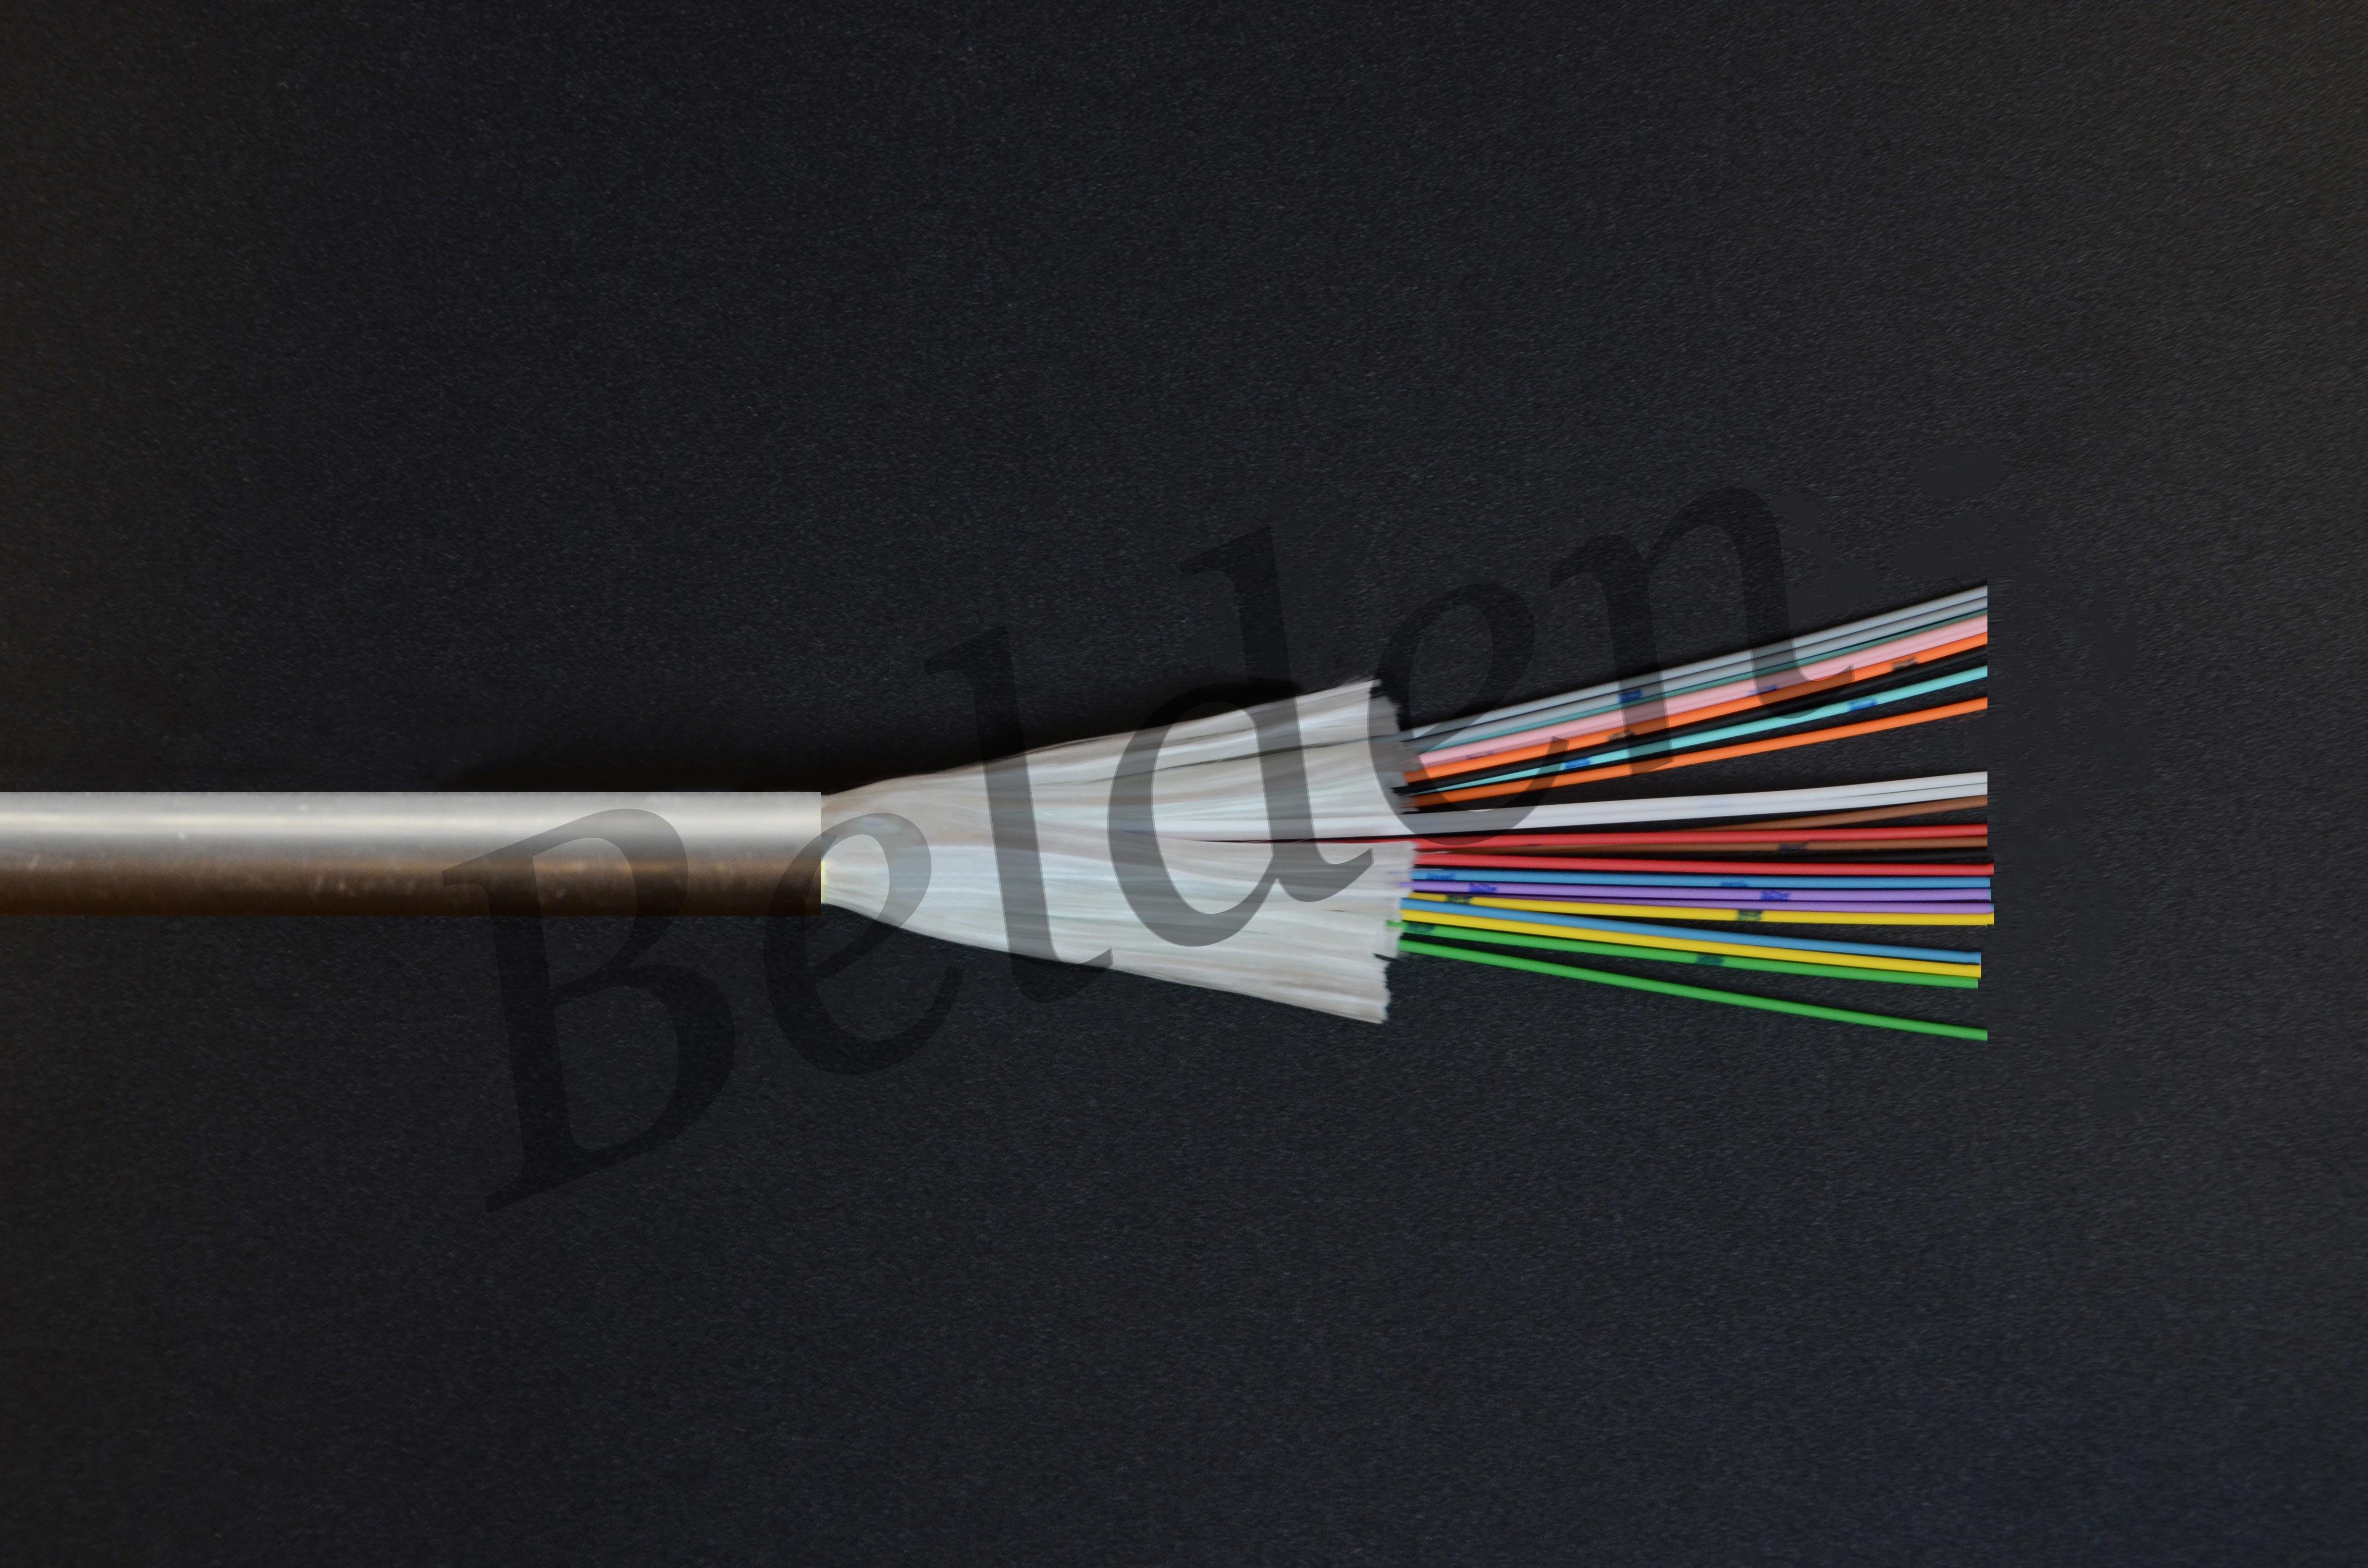 Câble Belden int/ext anti rongeurs renforcé 4 FO 62,5/125 OM1 LSZH, à structure serrée 900µm